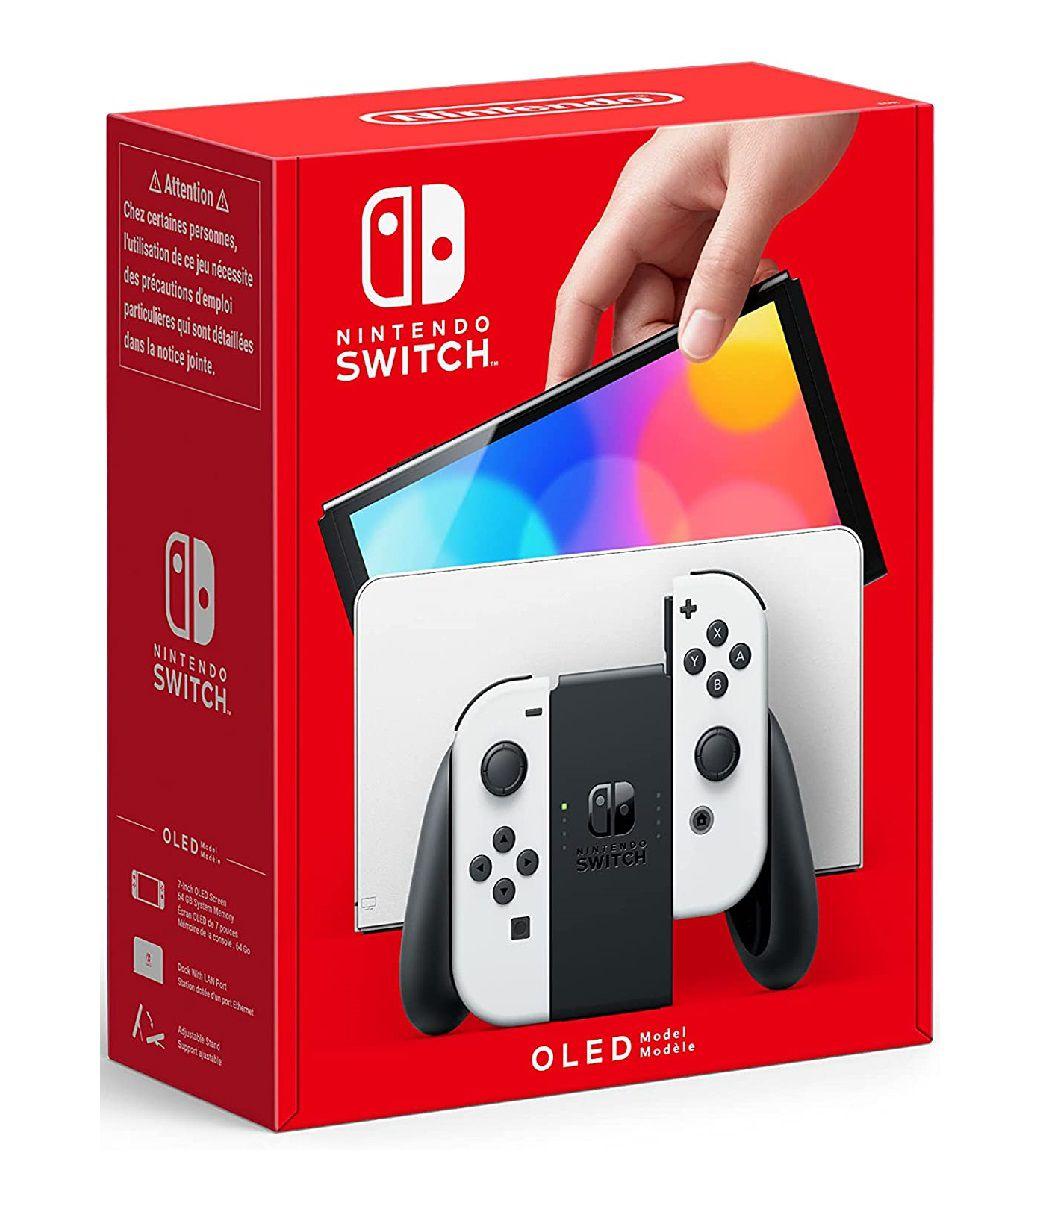 Nintendo Switch Oled Console